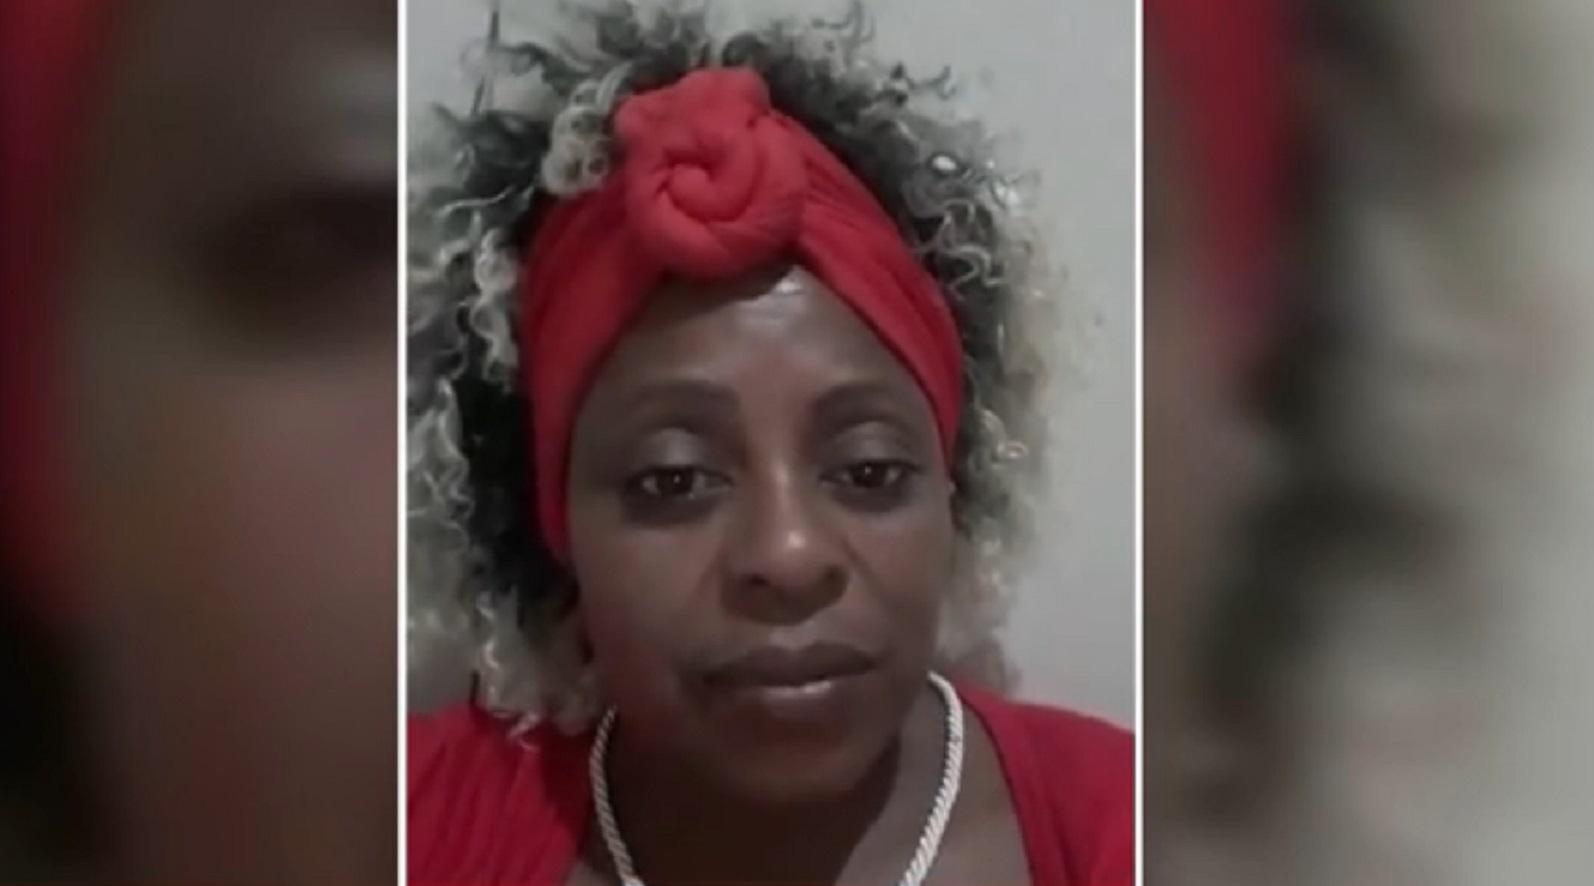 Após 25 anos, Cleusa de mala e cuia consegue o divórcio e faz promessa para comemorar